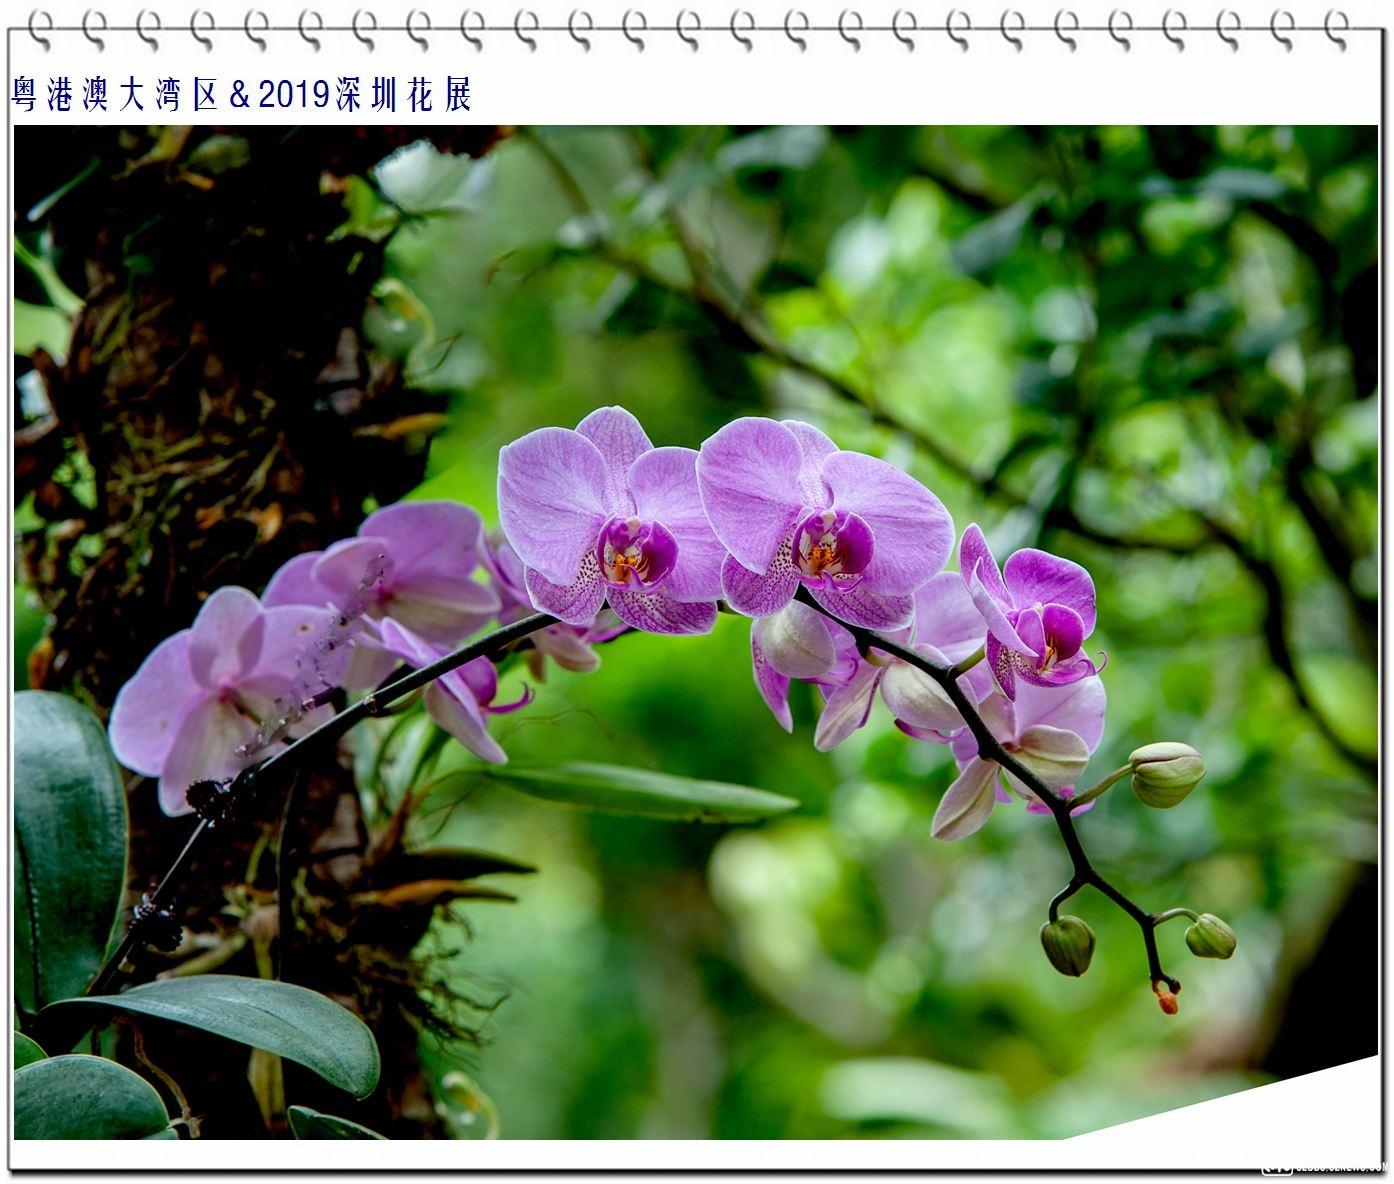 蝴蝶兰 (7).jpg